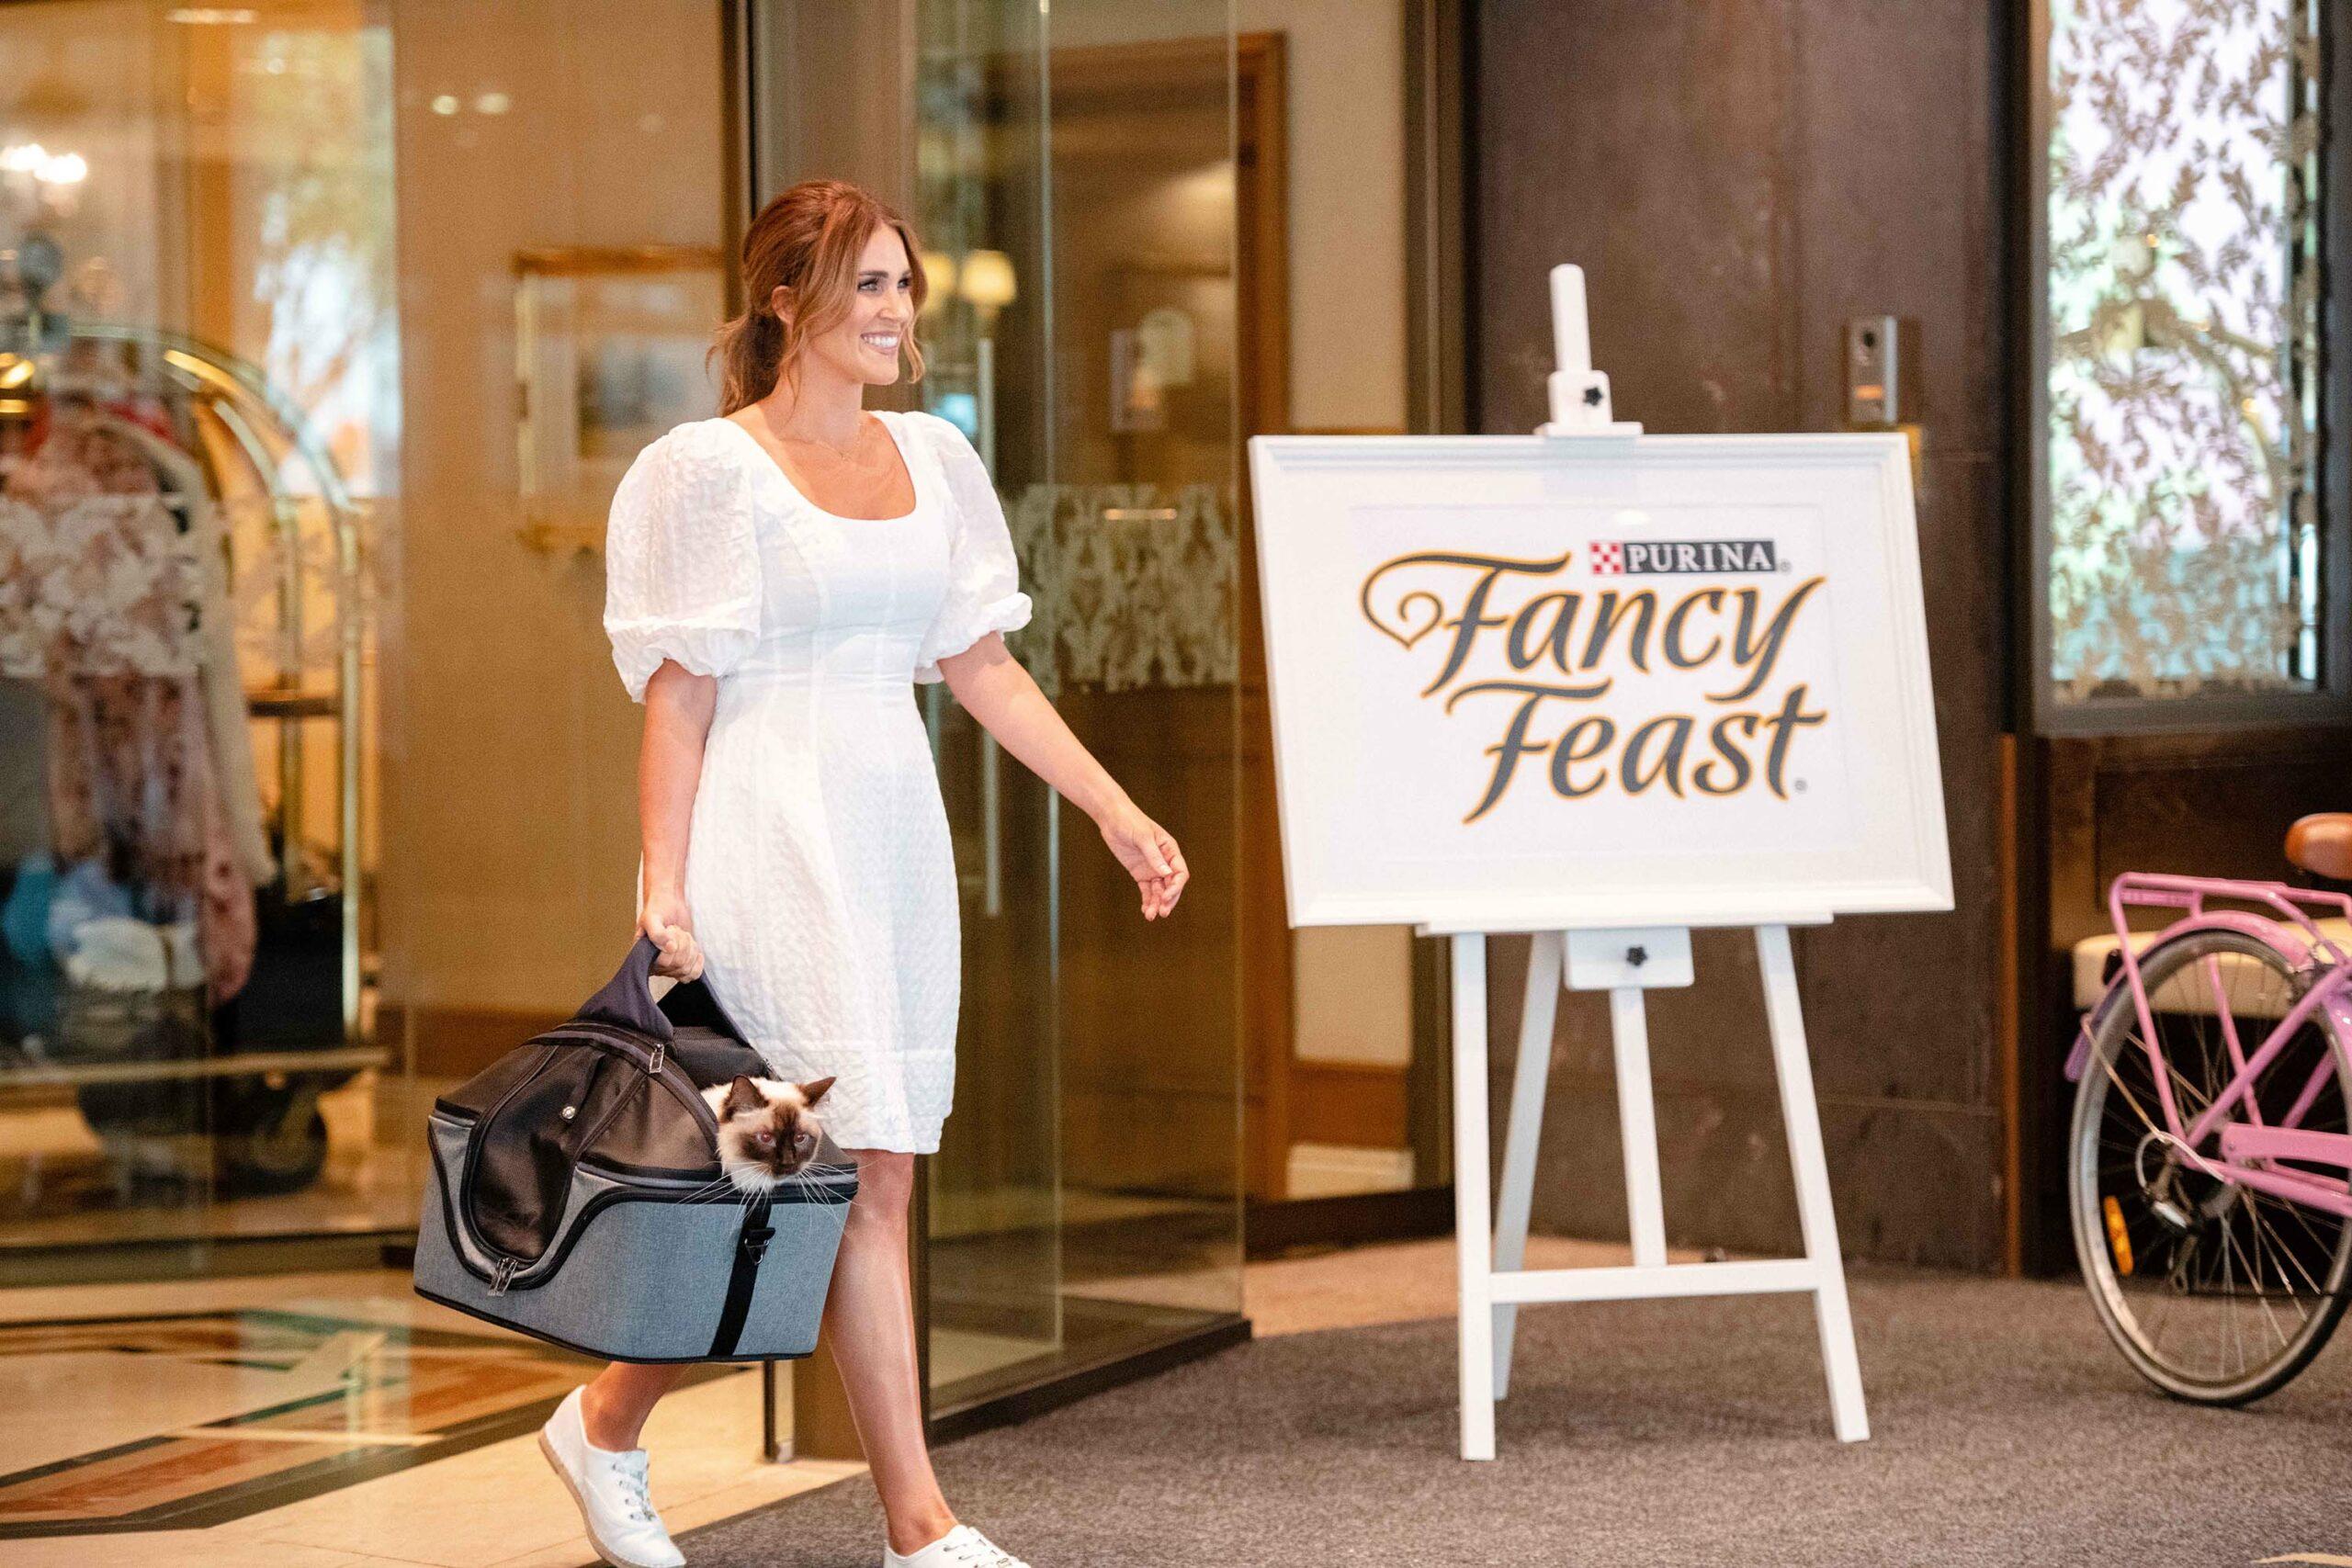 FANCY_FEAST_CAT_HOTEL_STILLS_YEAHSURE-18